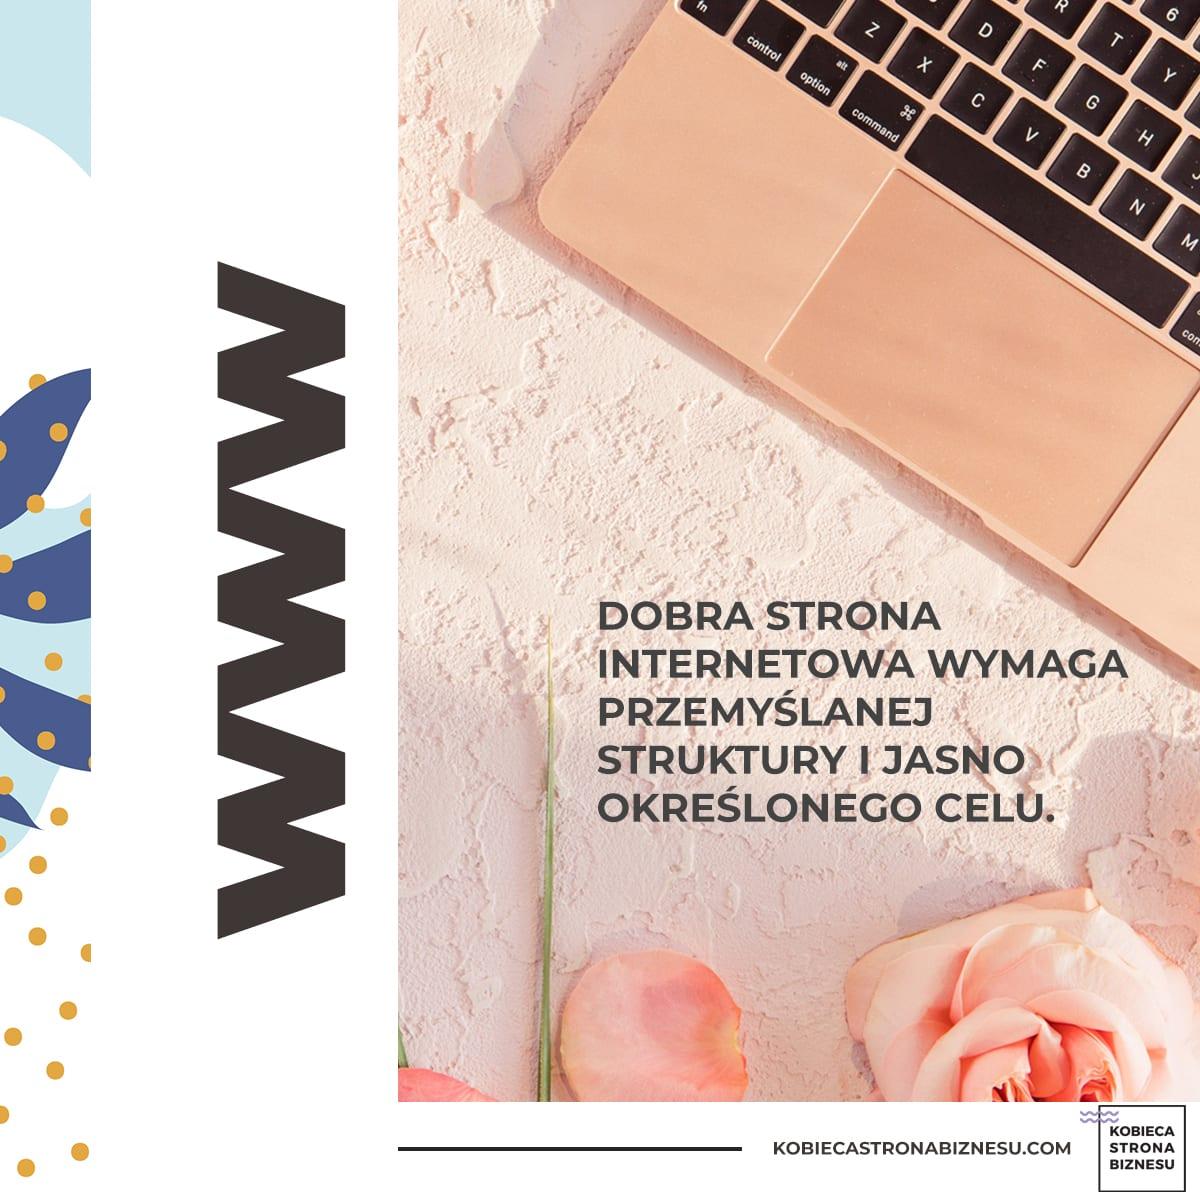 Dobra strona internetowa, strona www, własna strona internetowa odczego zacząć, jak zaplanować stronę internetową - blog dla przedsiębiorczych kobiet, WordPress, Kobieca Strona Biznesu, Karolina Kołodziejczyk